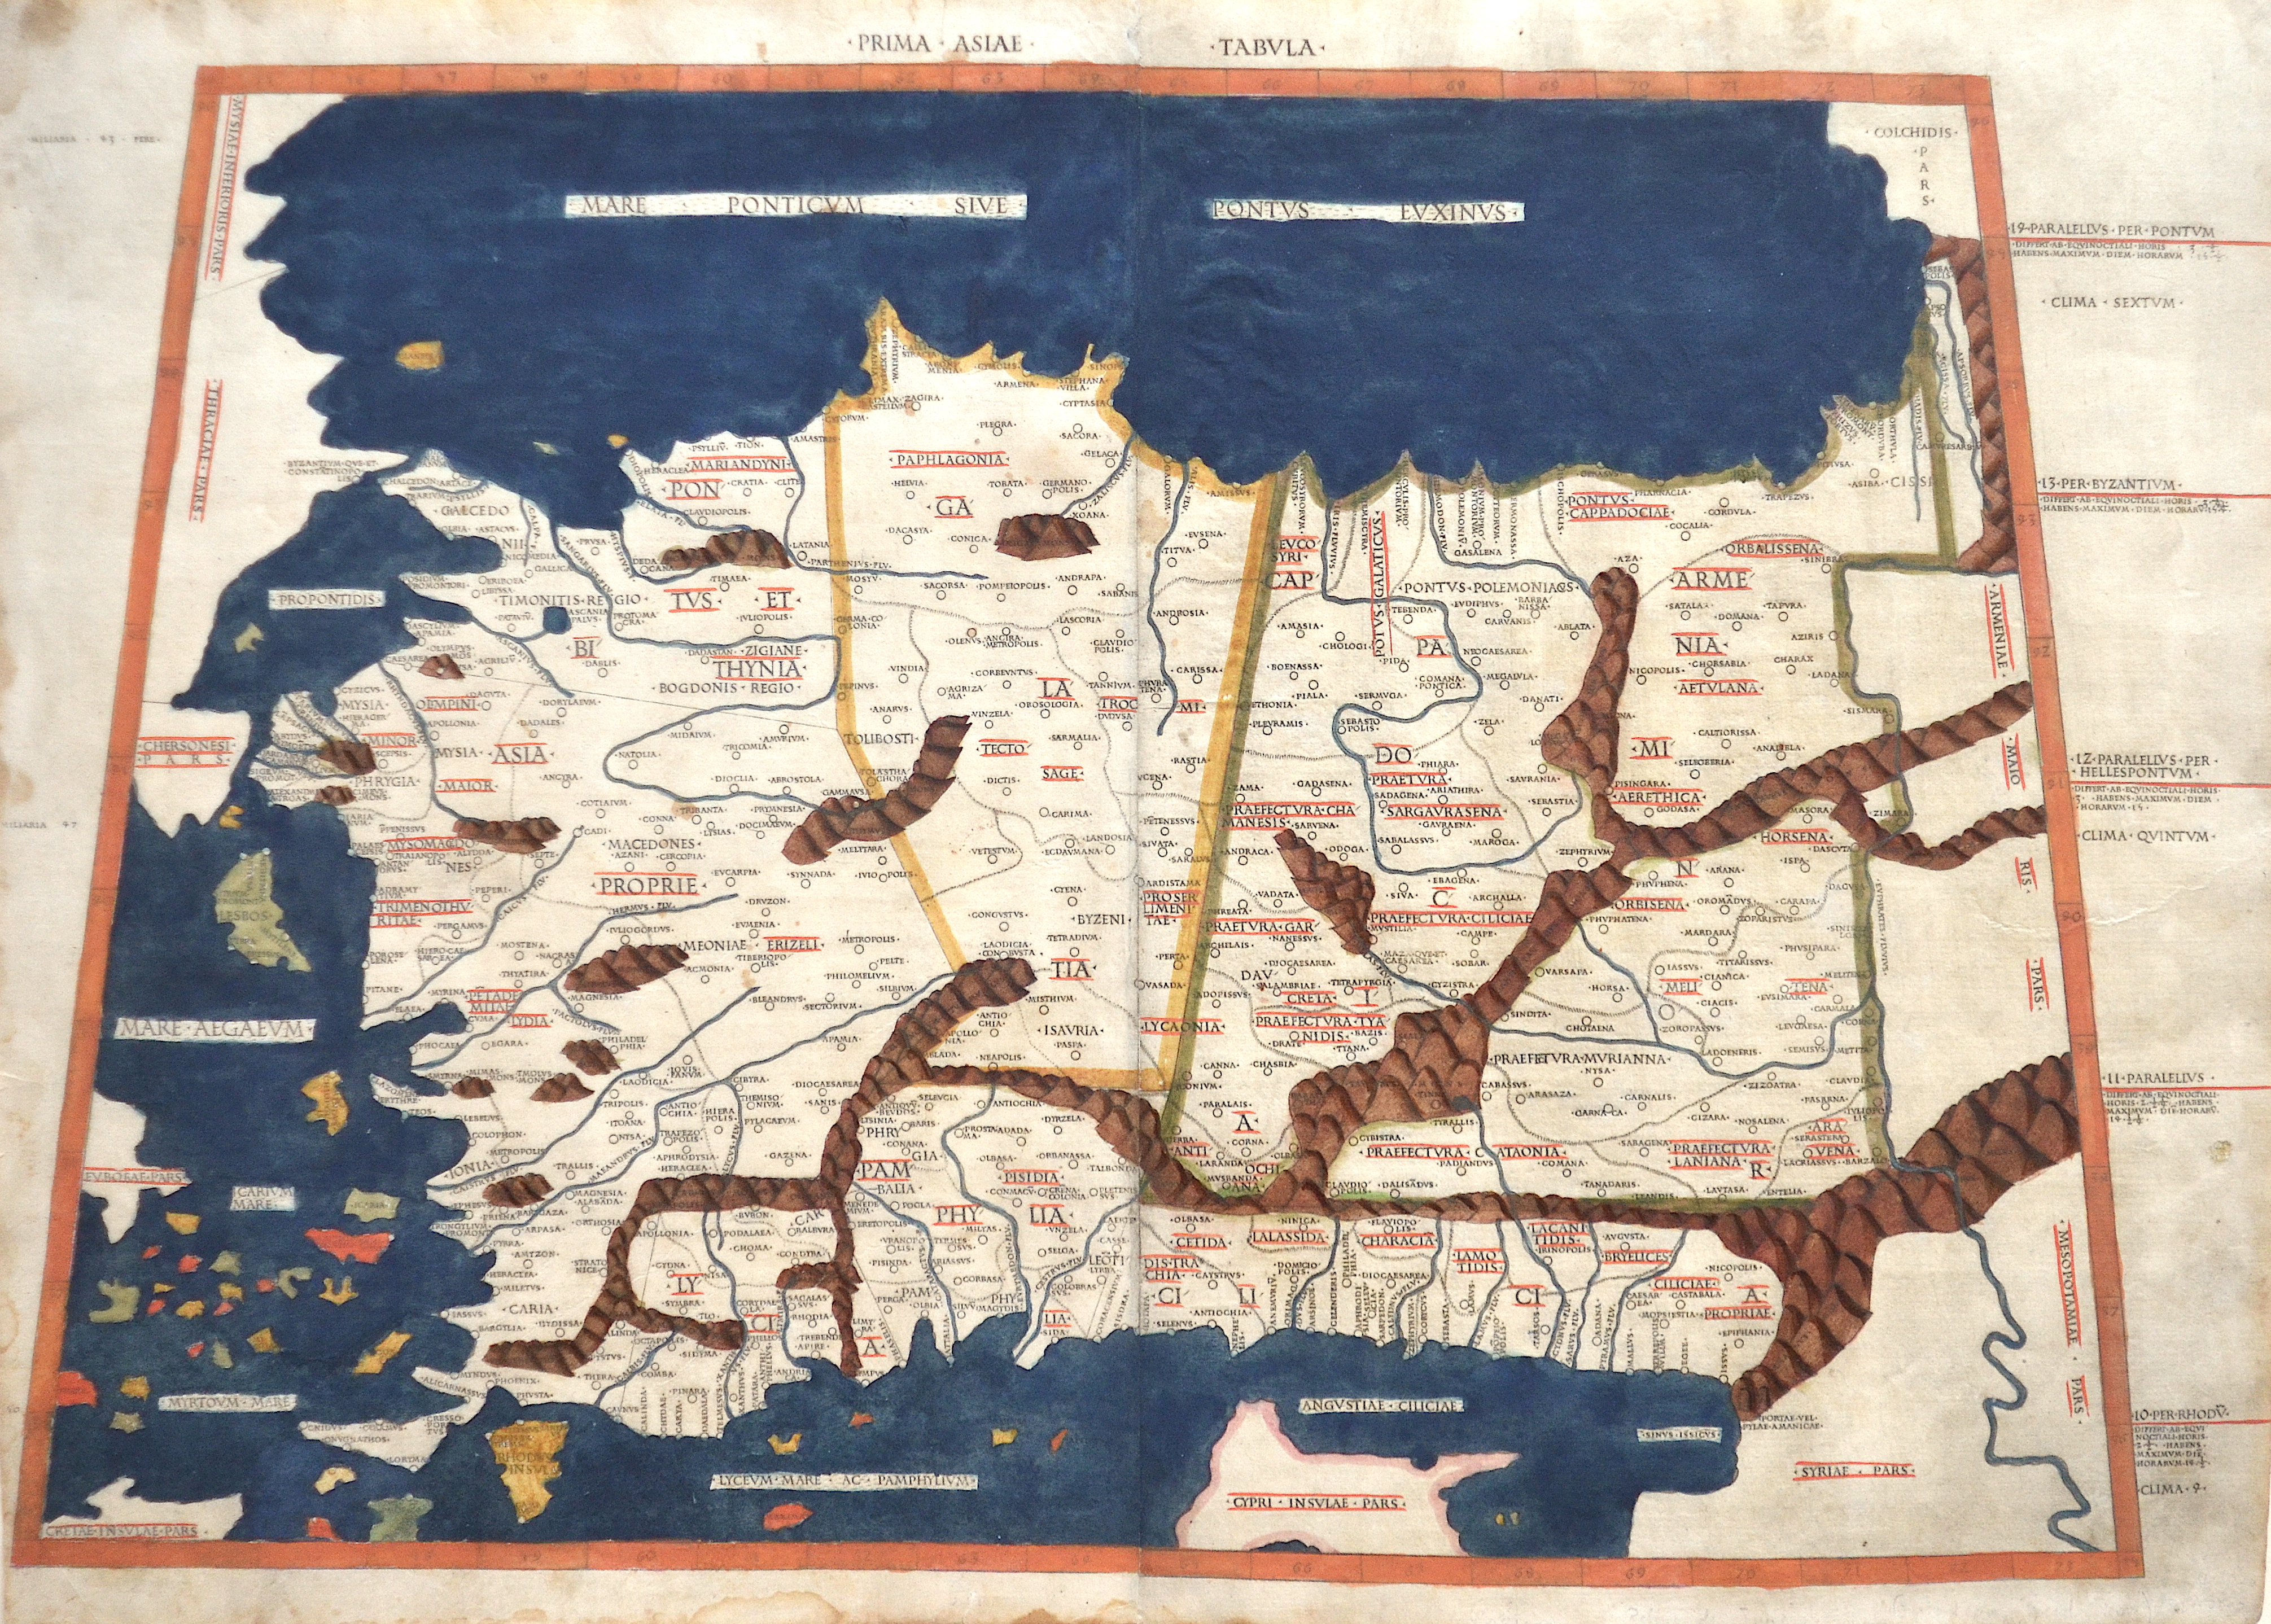 Ptolemy/Conrad Sweynheym  Prima Asiae Tabula